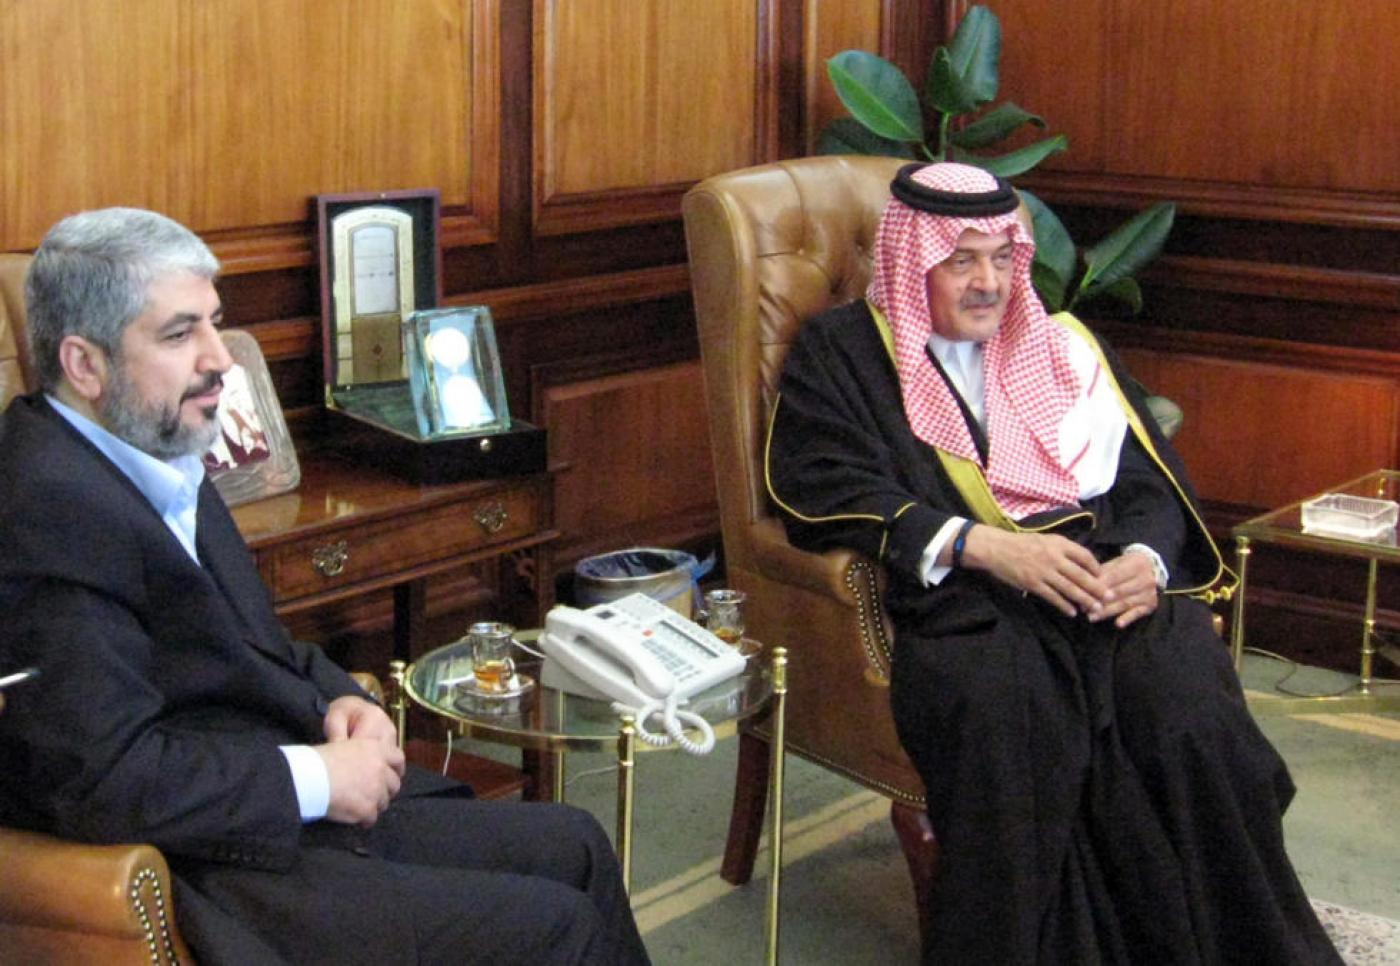 لقاء بين وزير الخارجية السعودي الأسبق الراحل سعود الفيصل ورئيس حماس السابق خالد مشعل